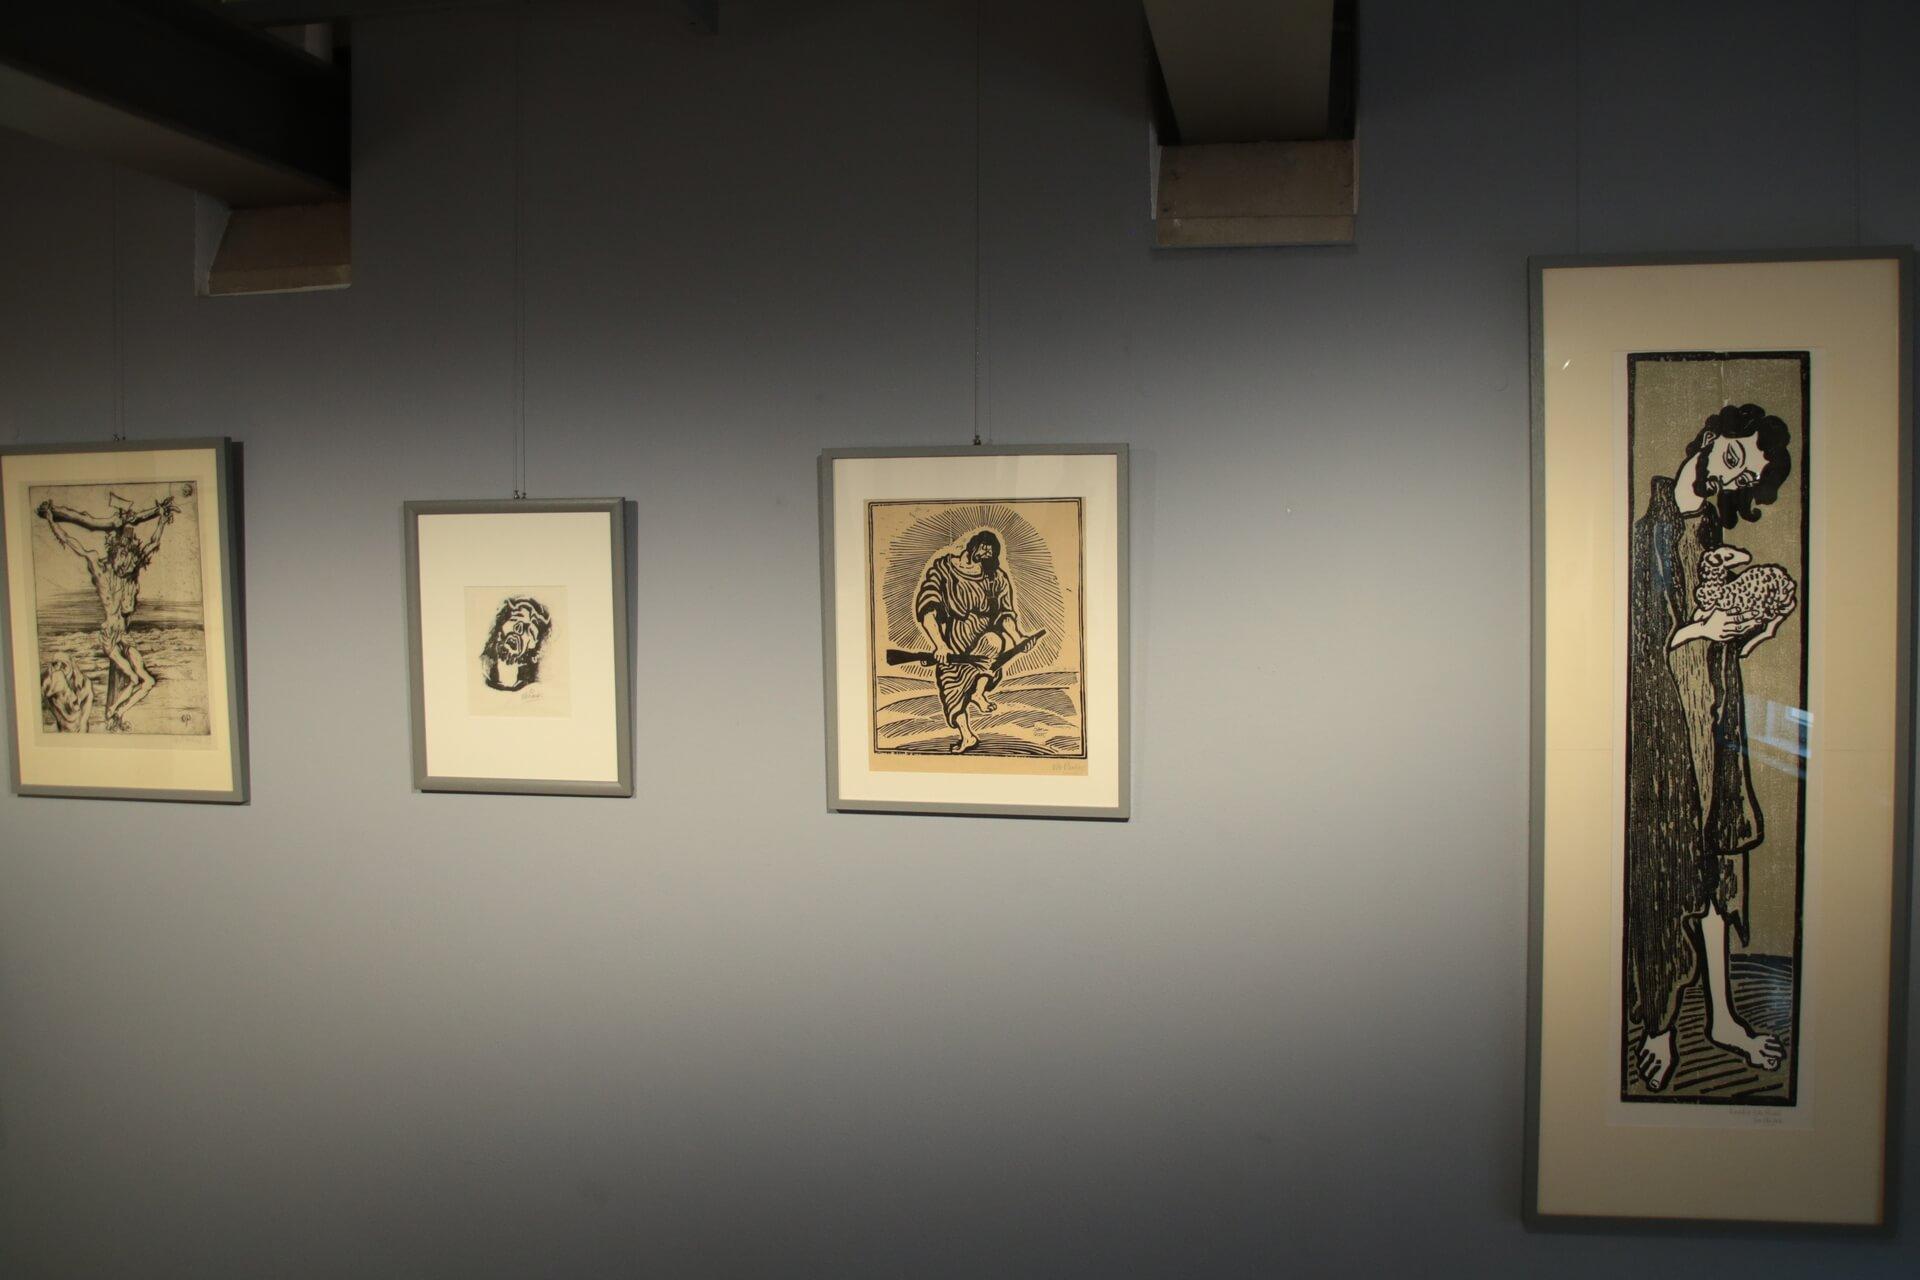 Otto Pankok Ausstellung - fotografiert von Frank Kotte - Bild 1